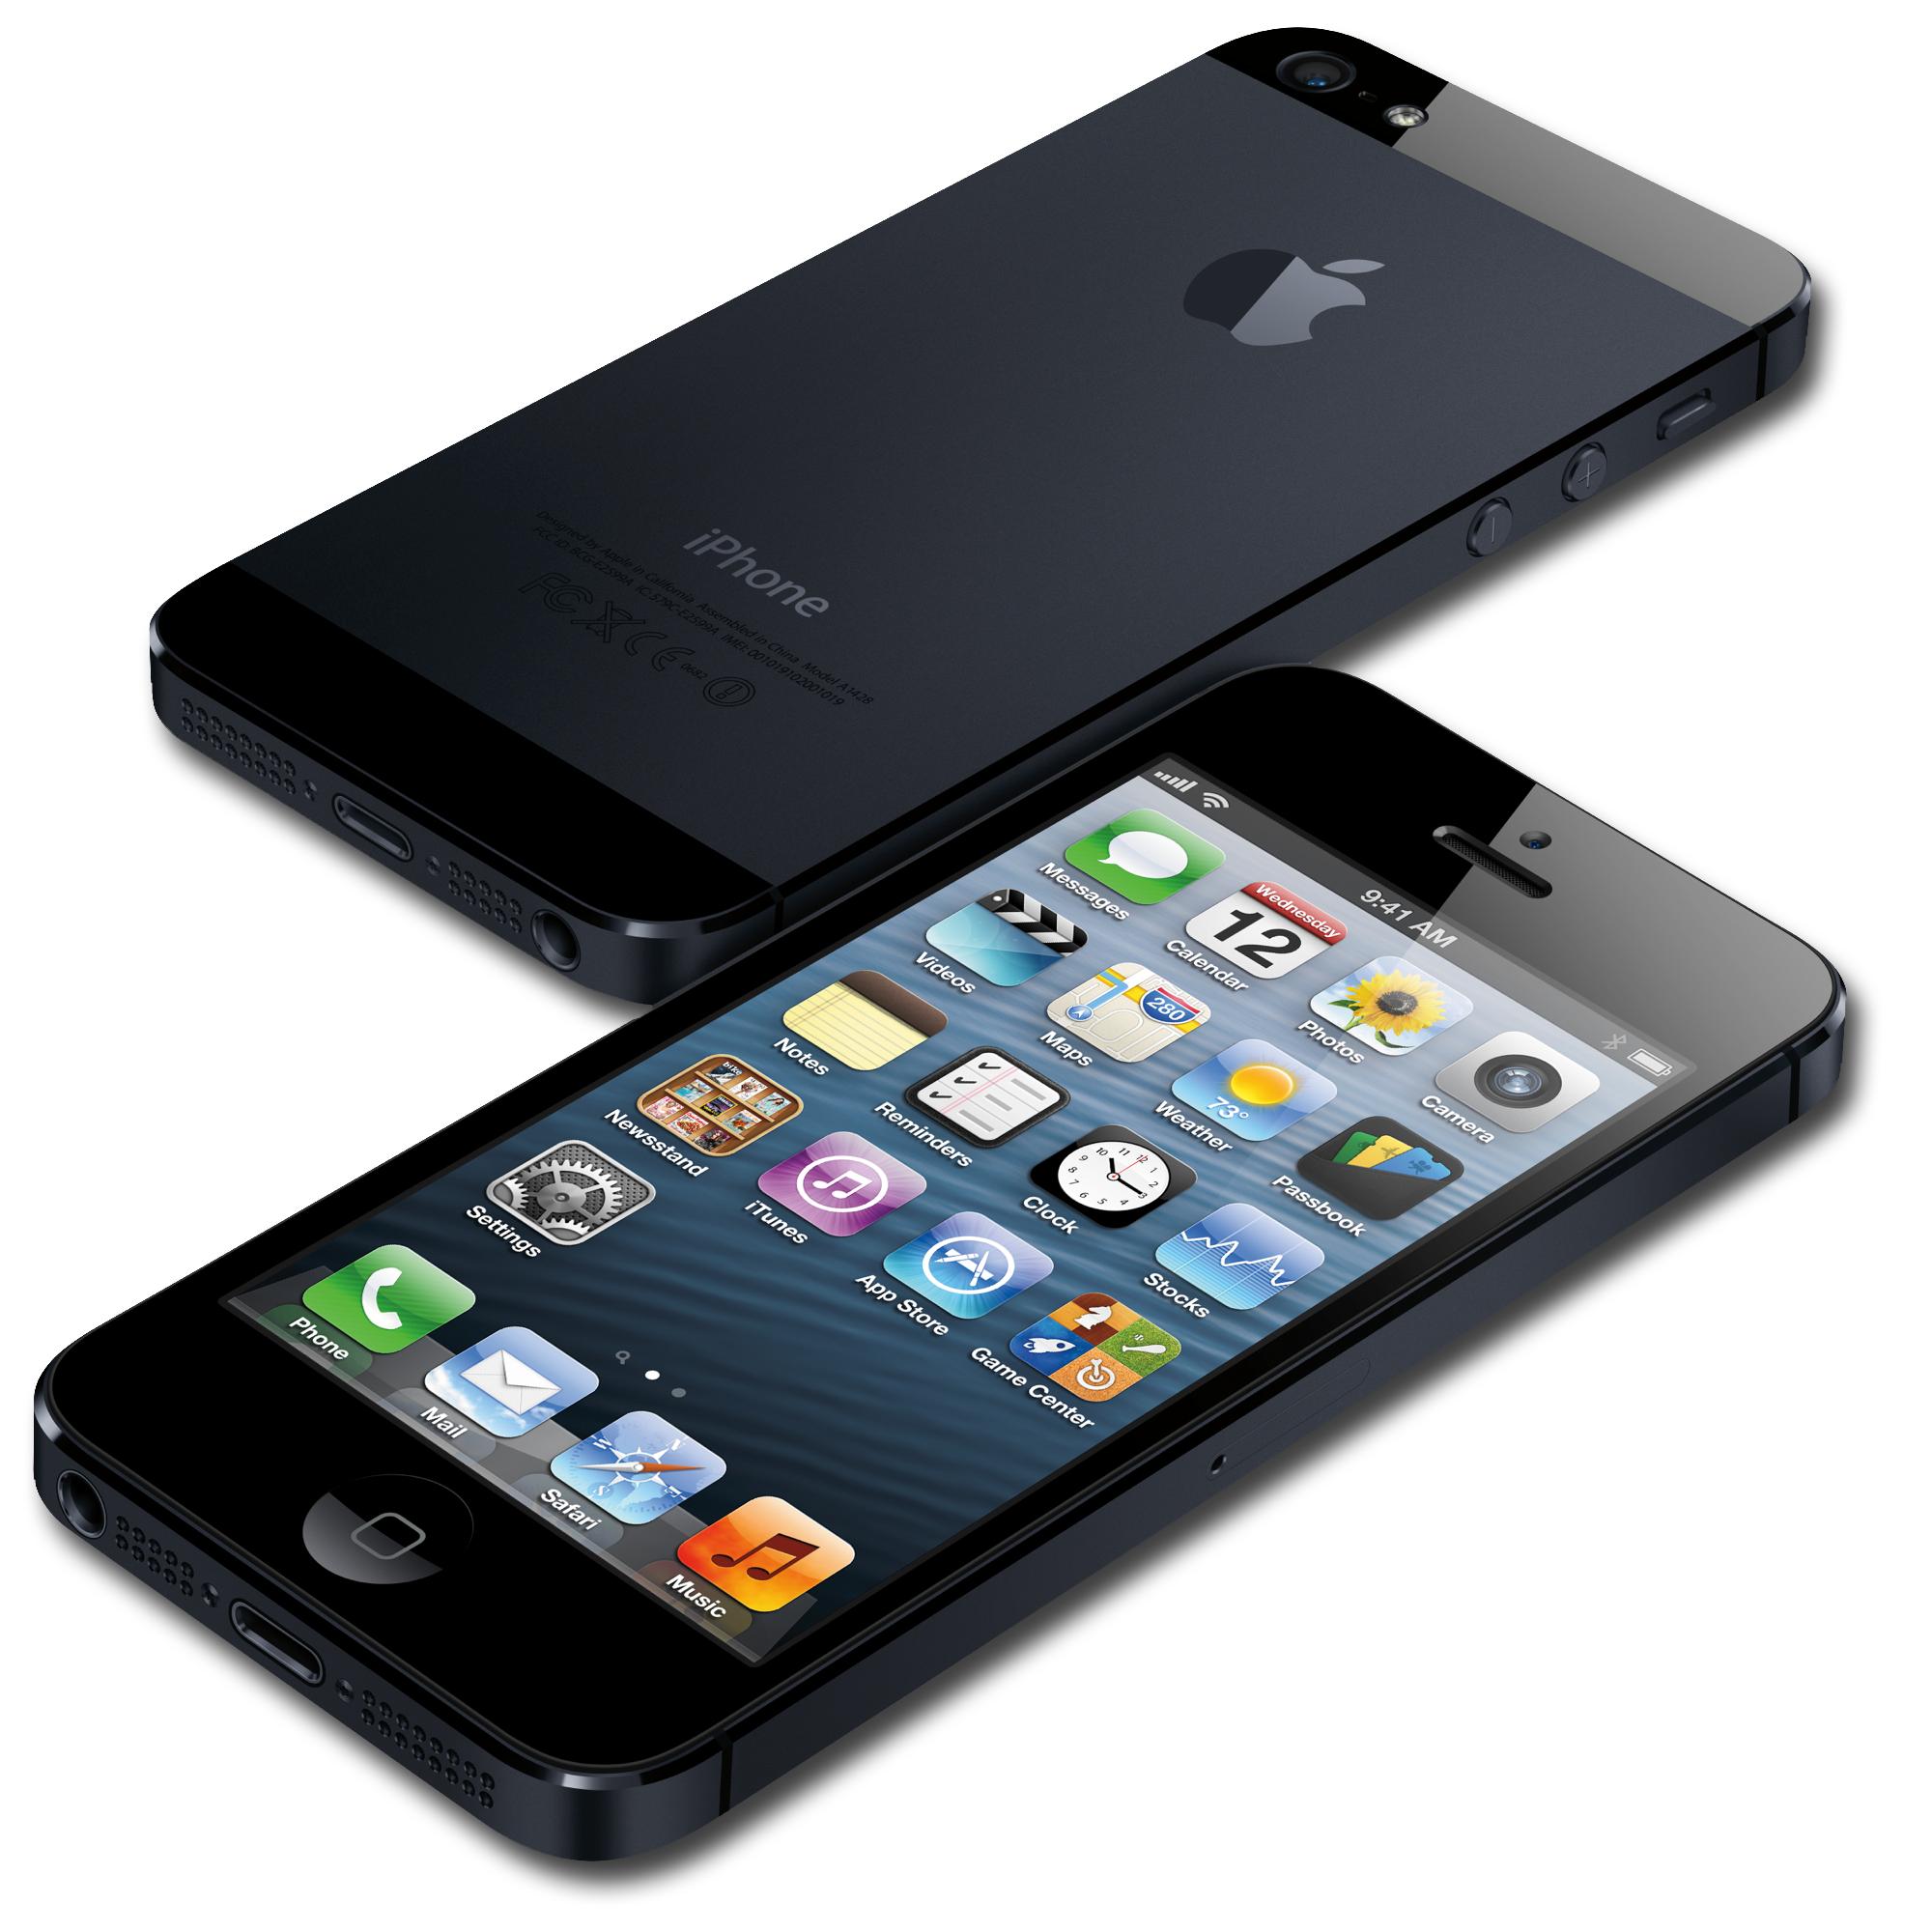 iphone 5 photos